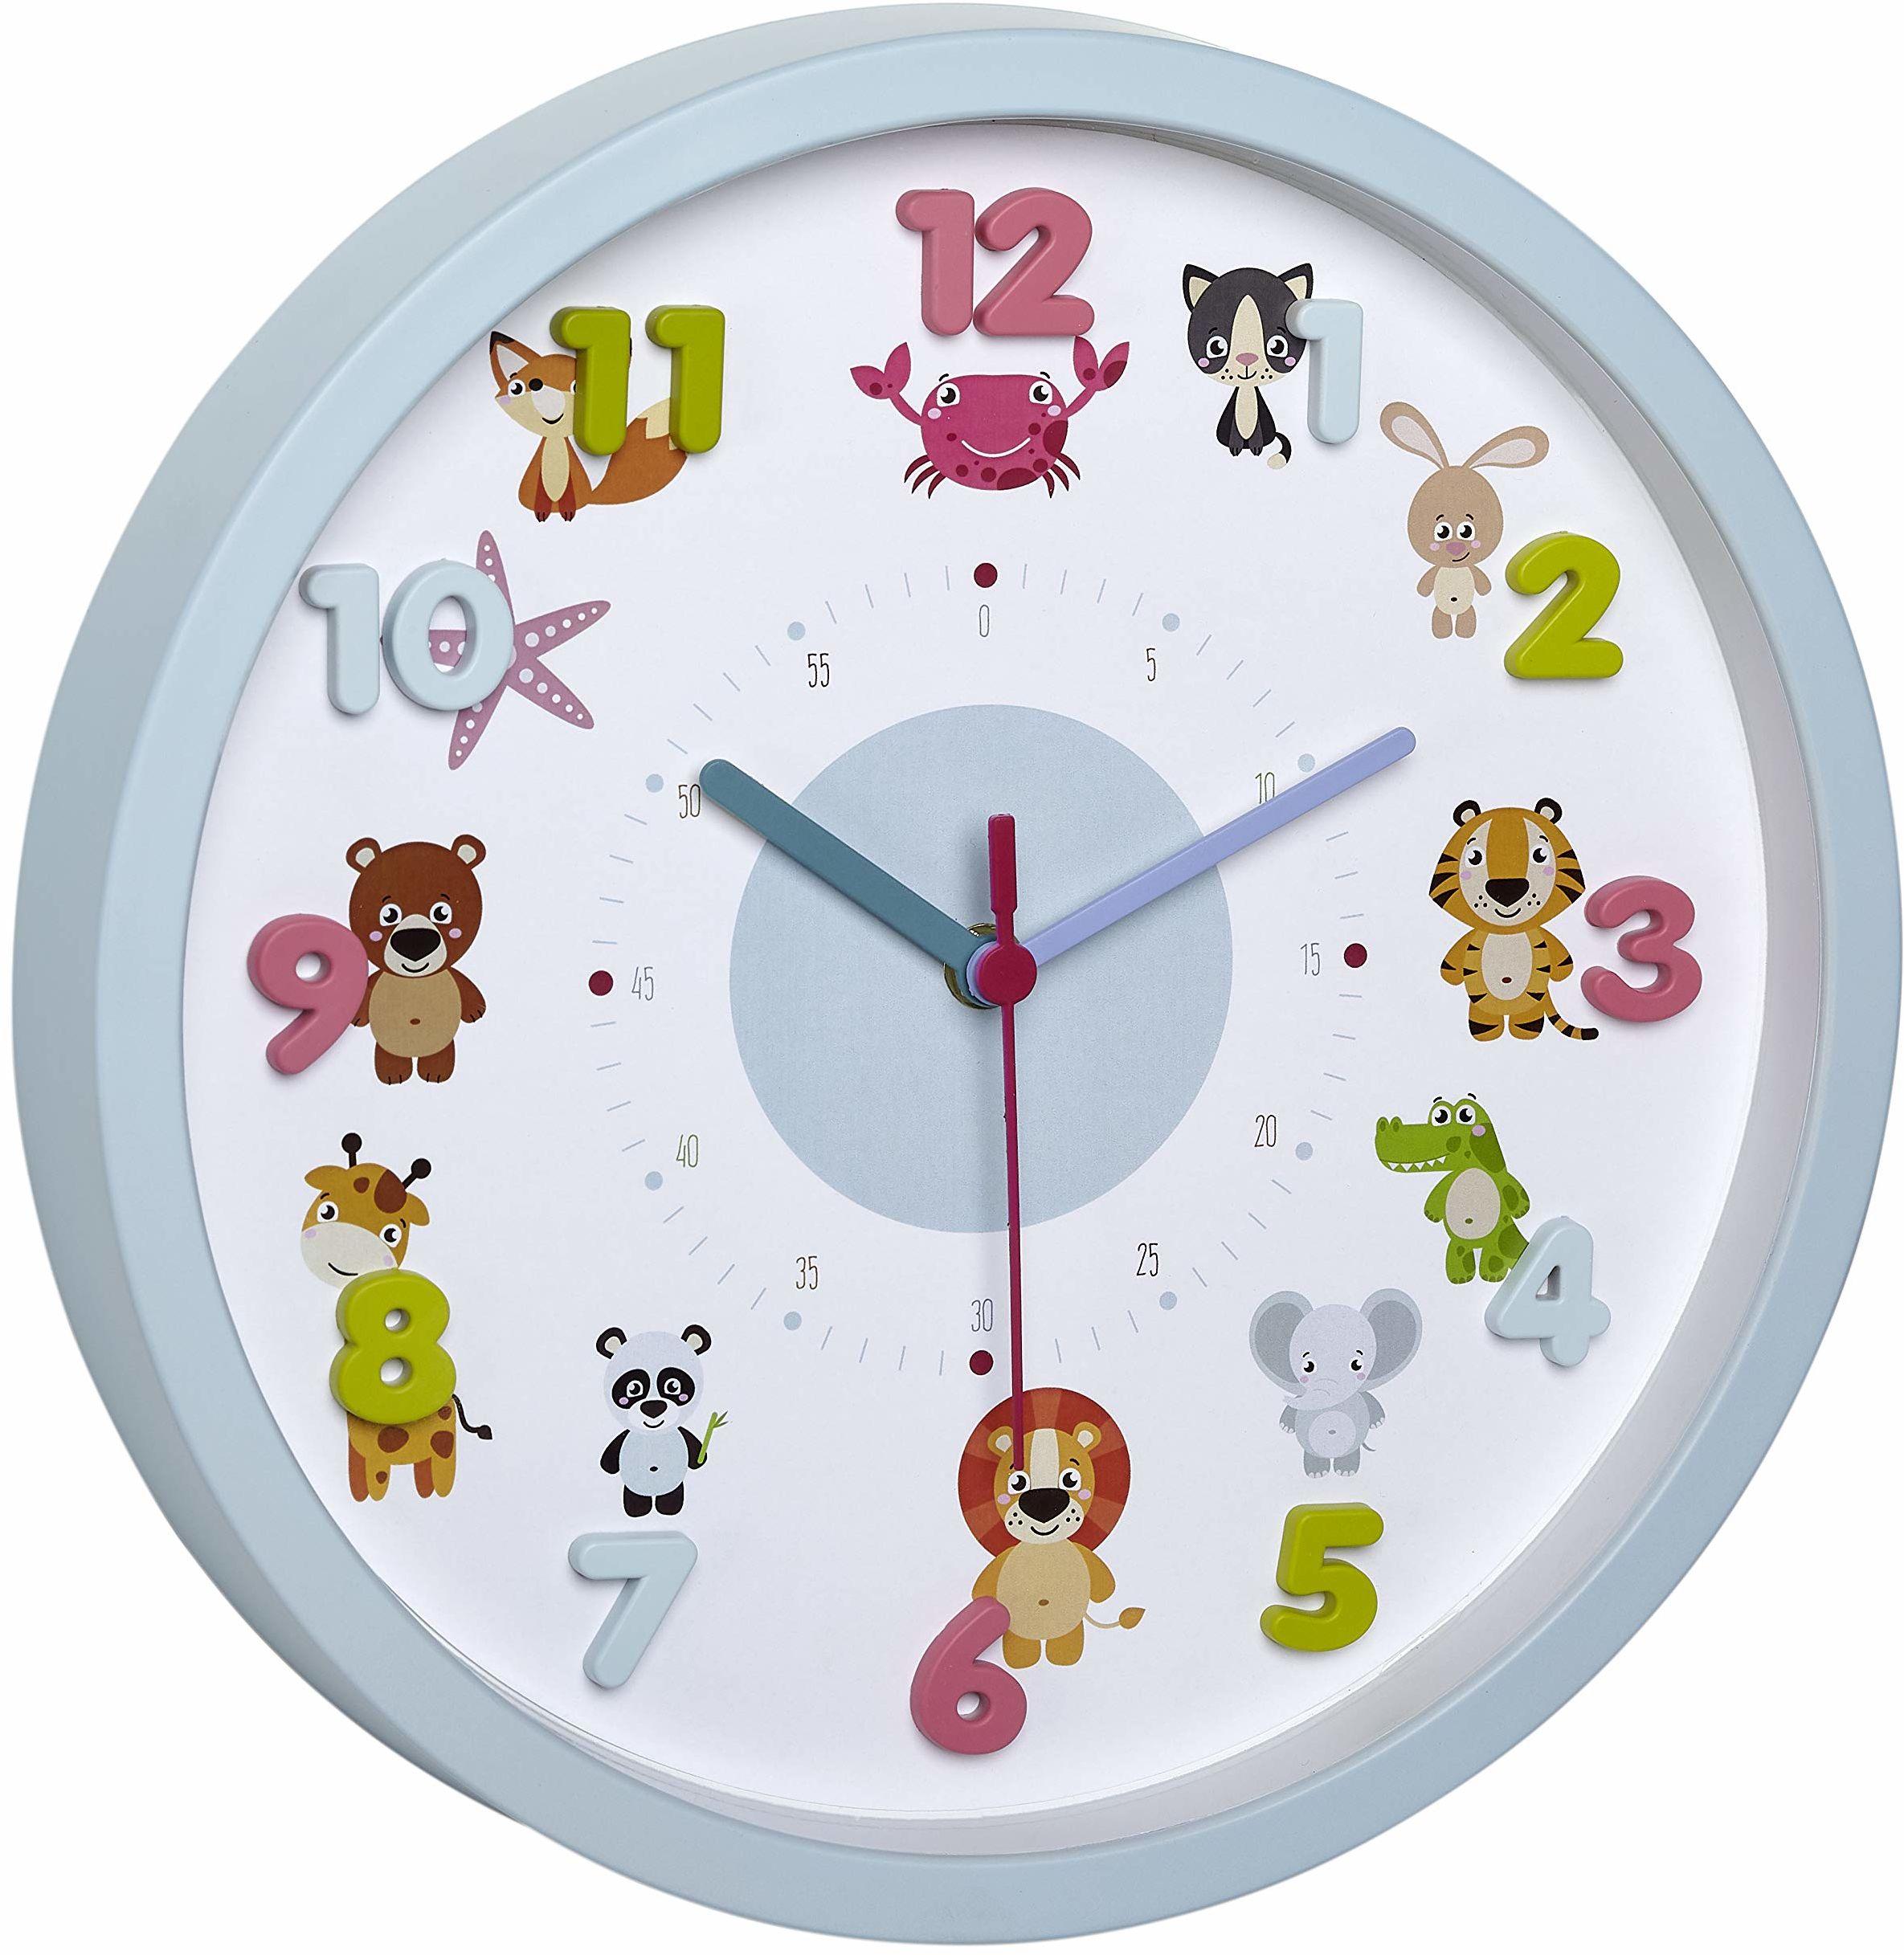 TFA Dostmann LITTLE ANIMALS dziecięcy zegar ścienny z motywami zwierzaków, cichy mechanizm zegarowy, idealny do pokoju dziecięcego, tworzywo sztuczne, szkło, jasnoniebieski